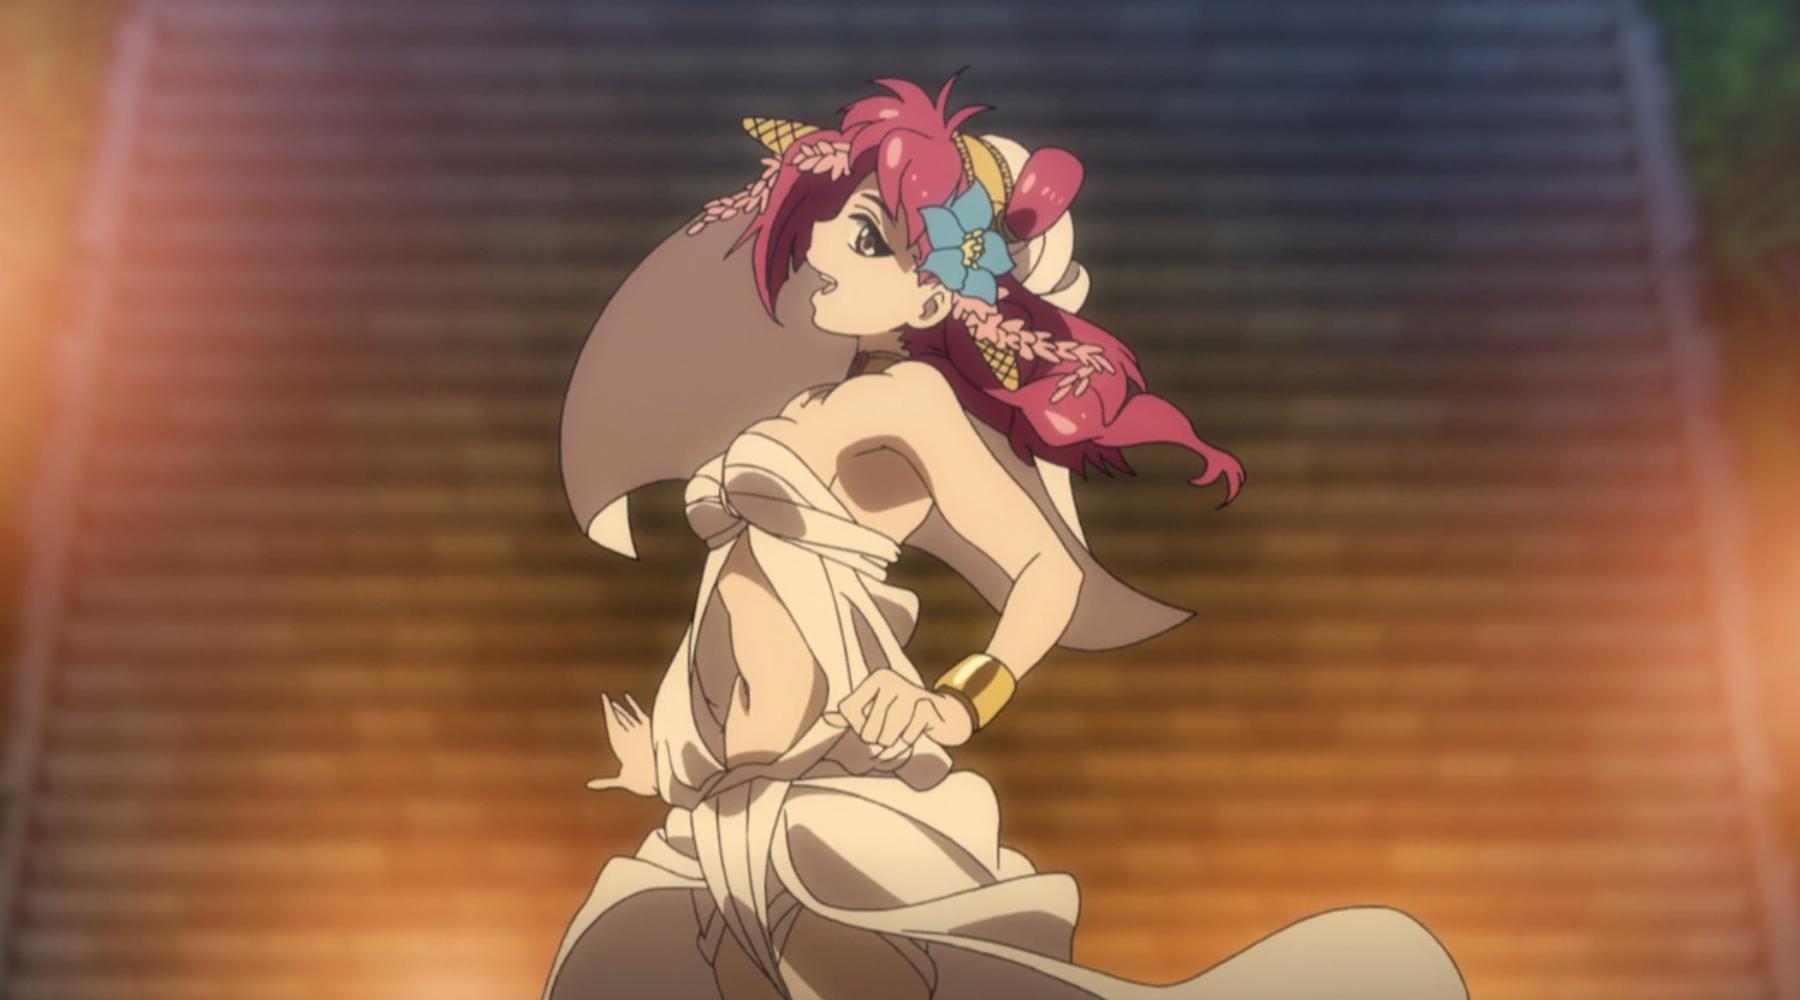 magi anime morgiana nackt porno